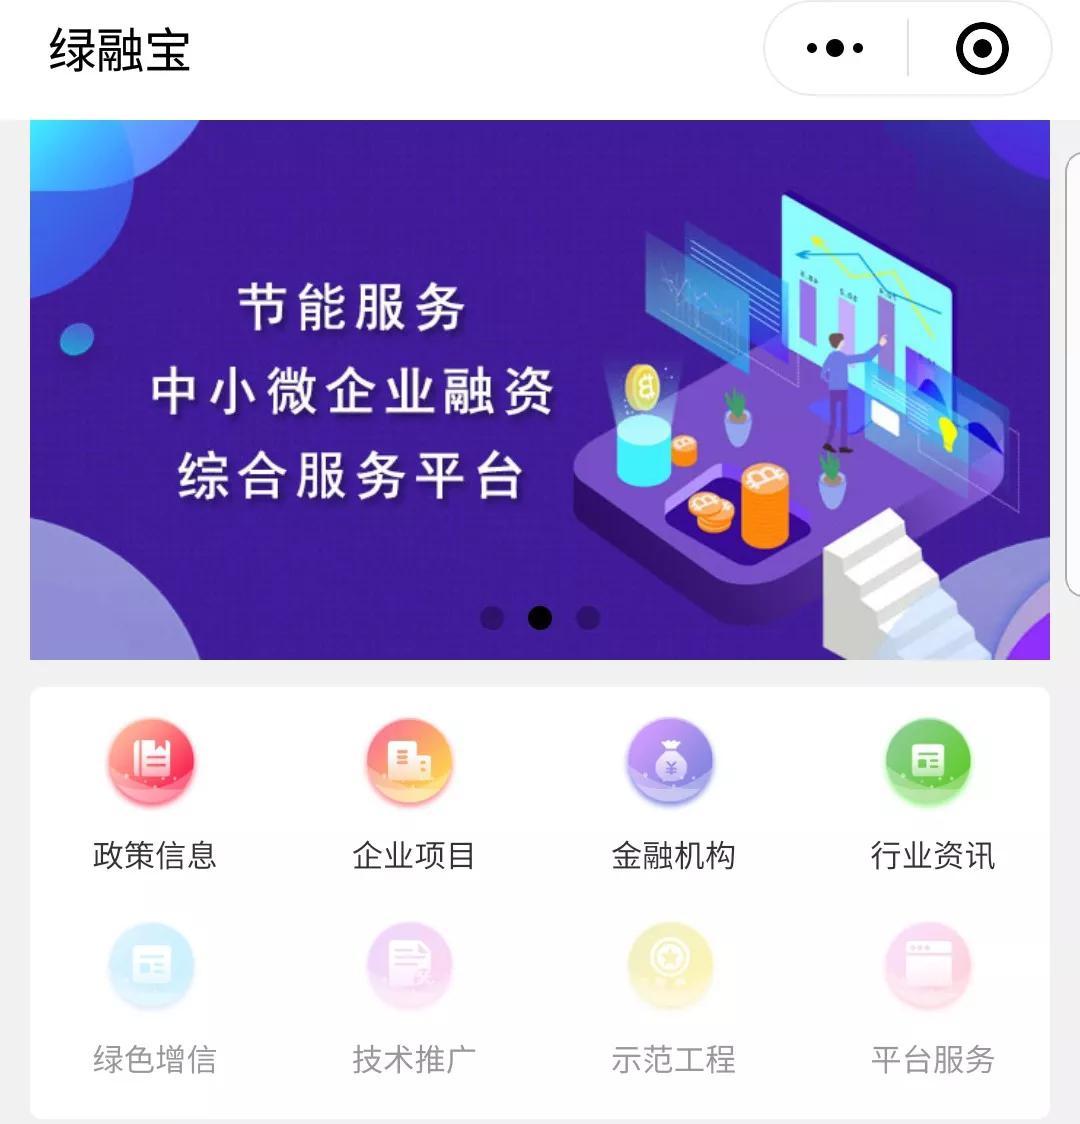 """北京首推""""绿融宝"""",中小微节能企业融资添捷径"""